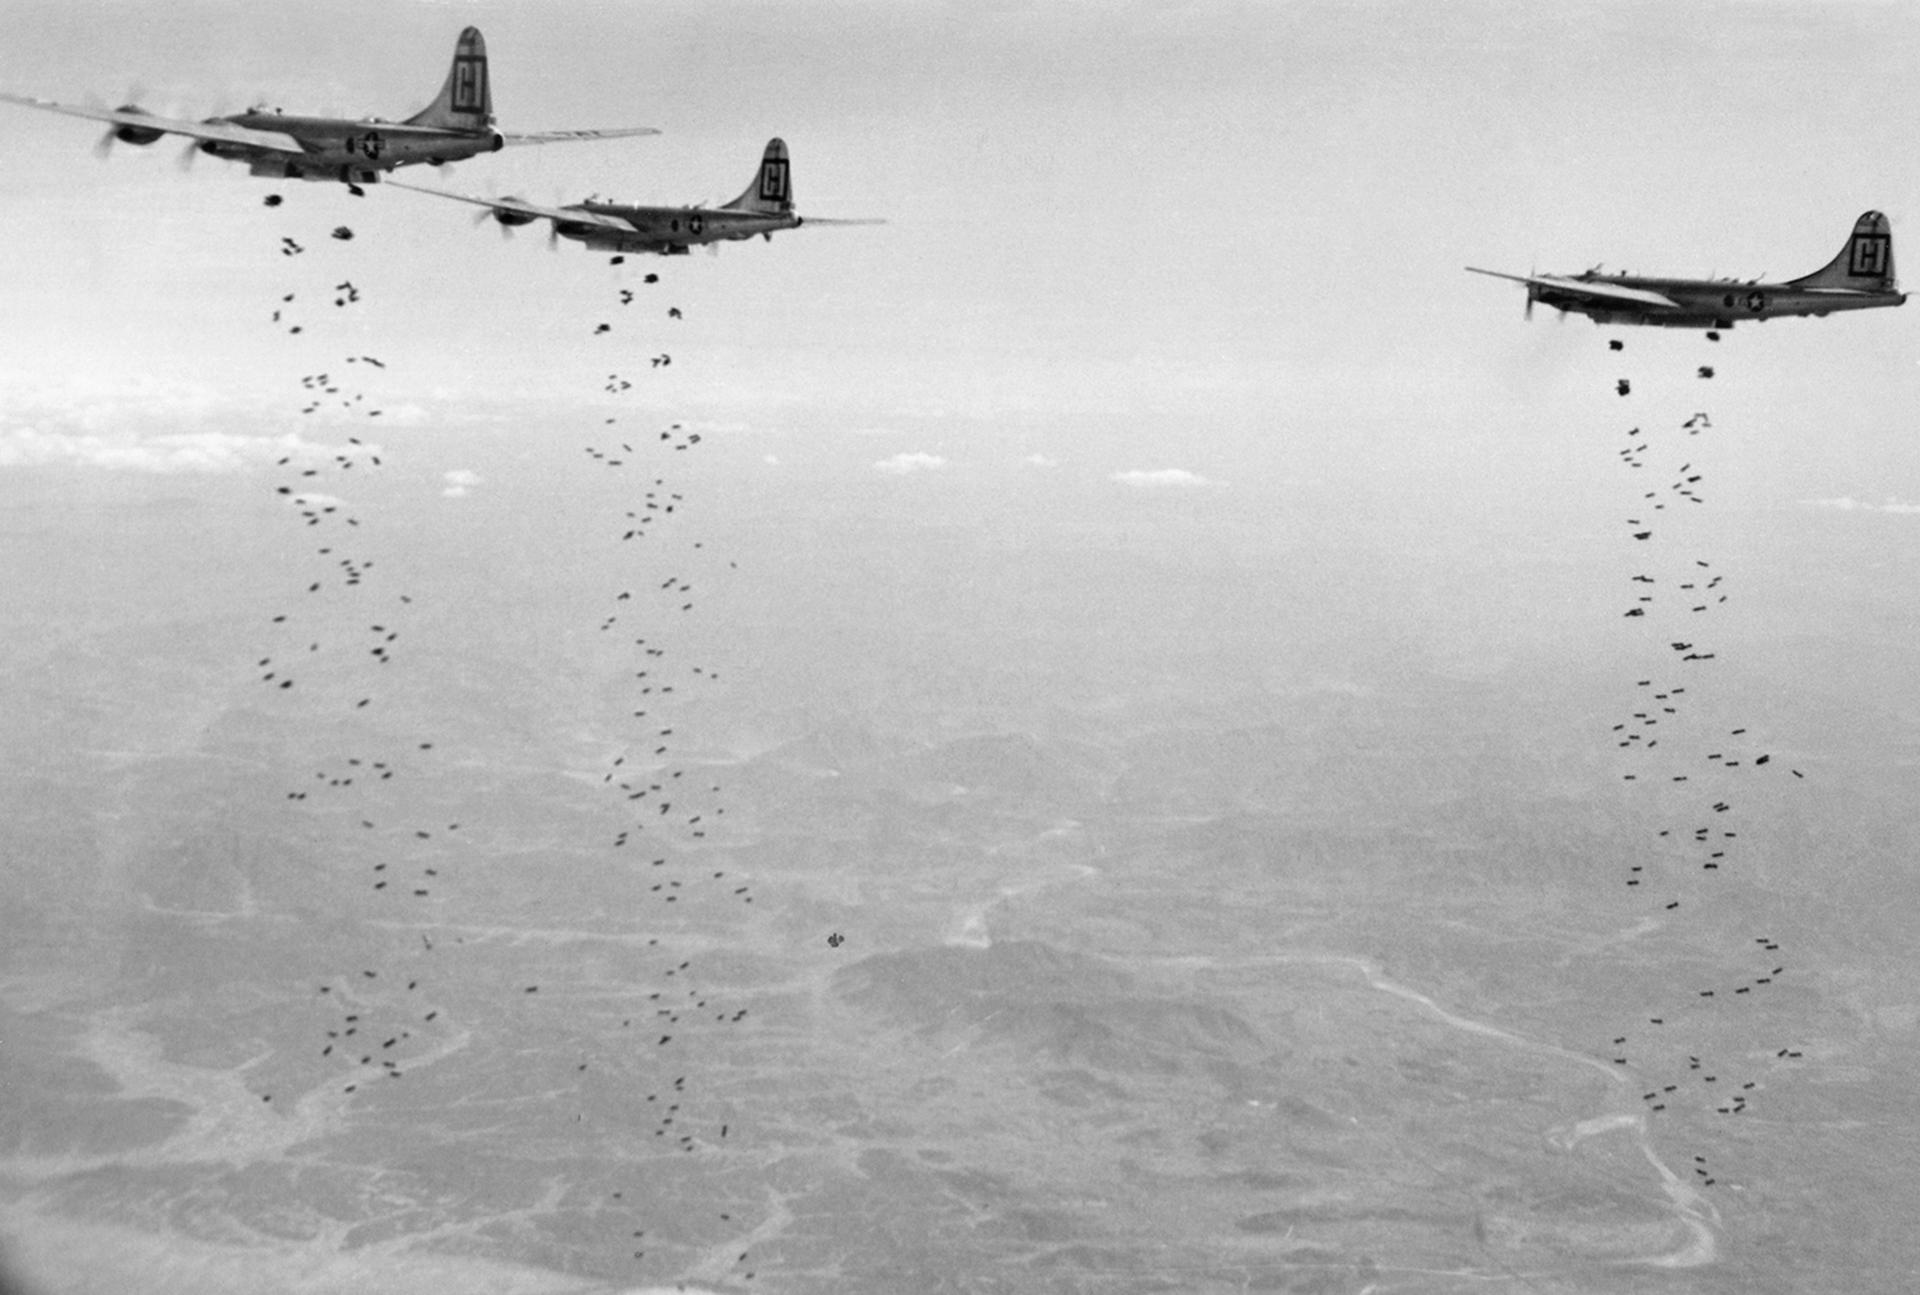 Aviones bombardean con toneladas de bombas de alta demolición sobre un objetivo militar estratégico de los comunistas chinos en Corea del Norte el 18 de enero de 1951 (AP)